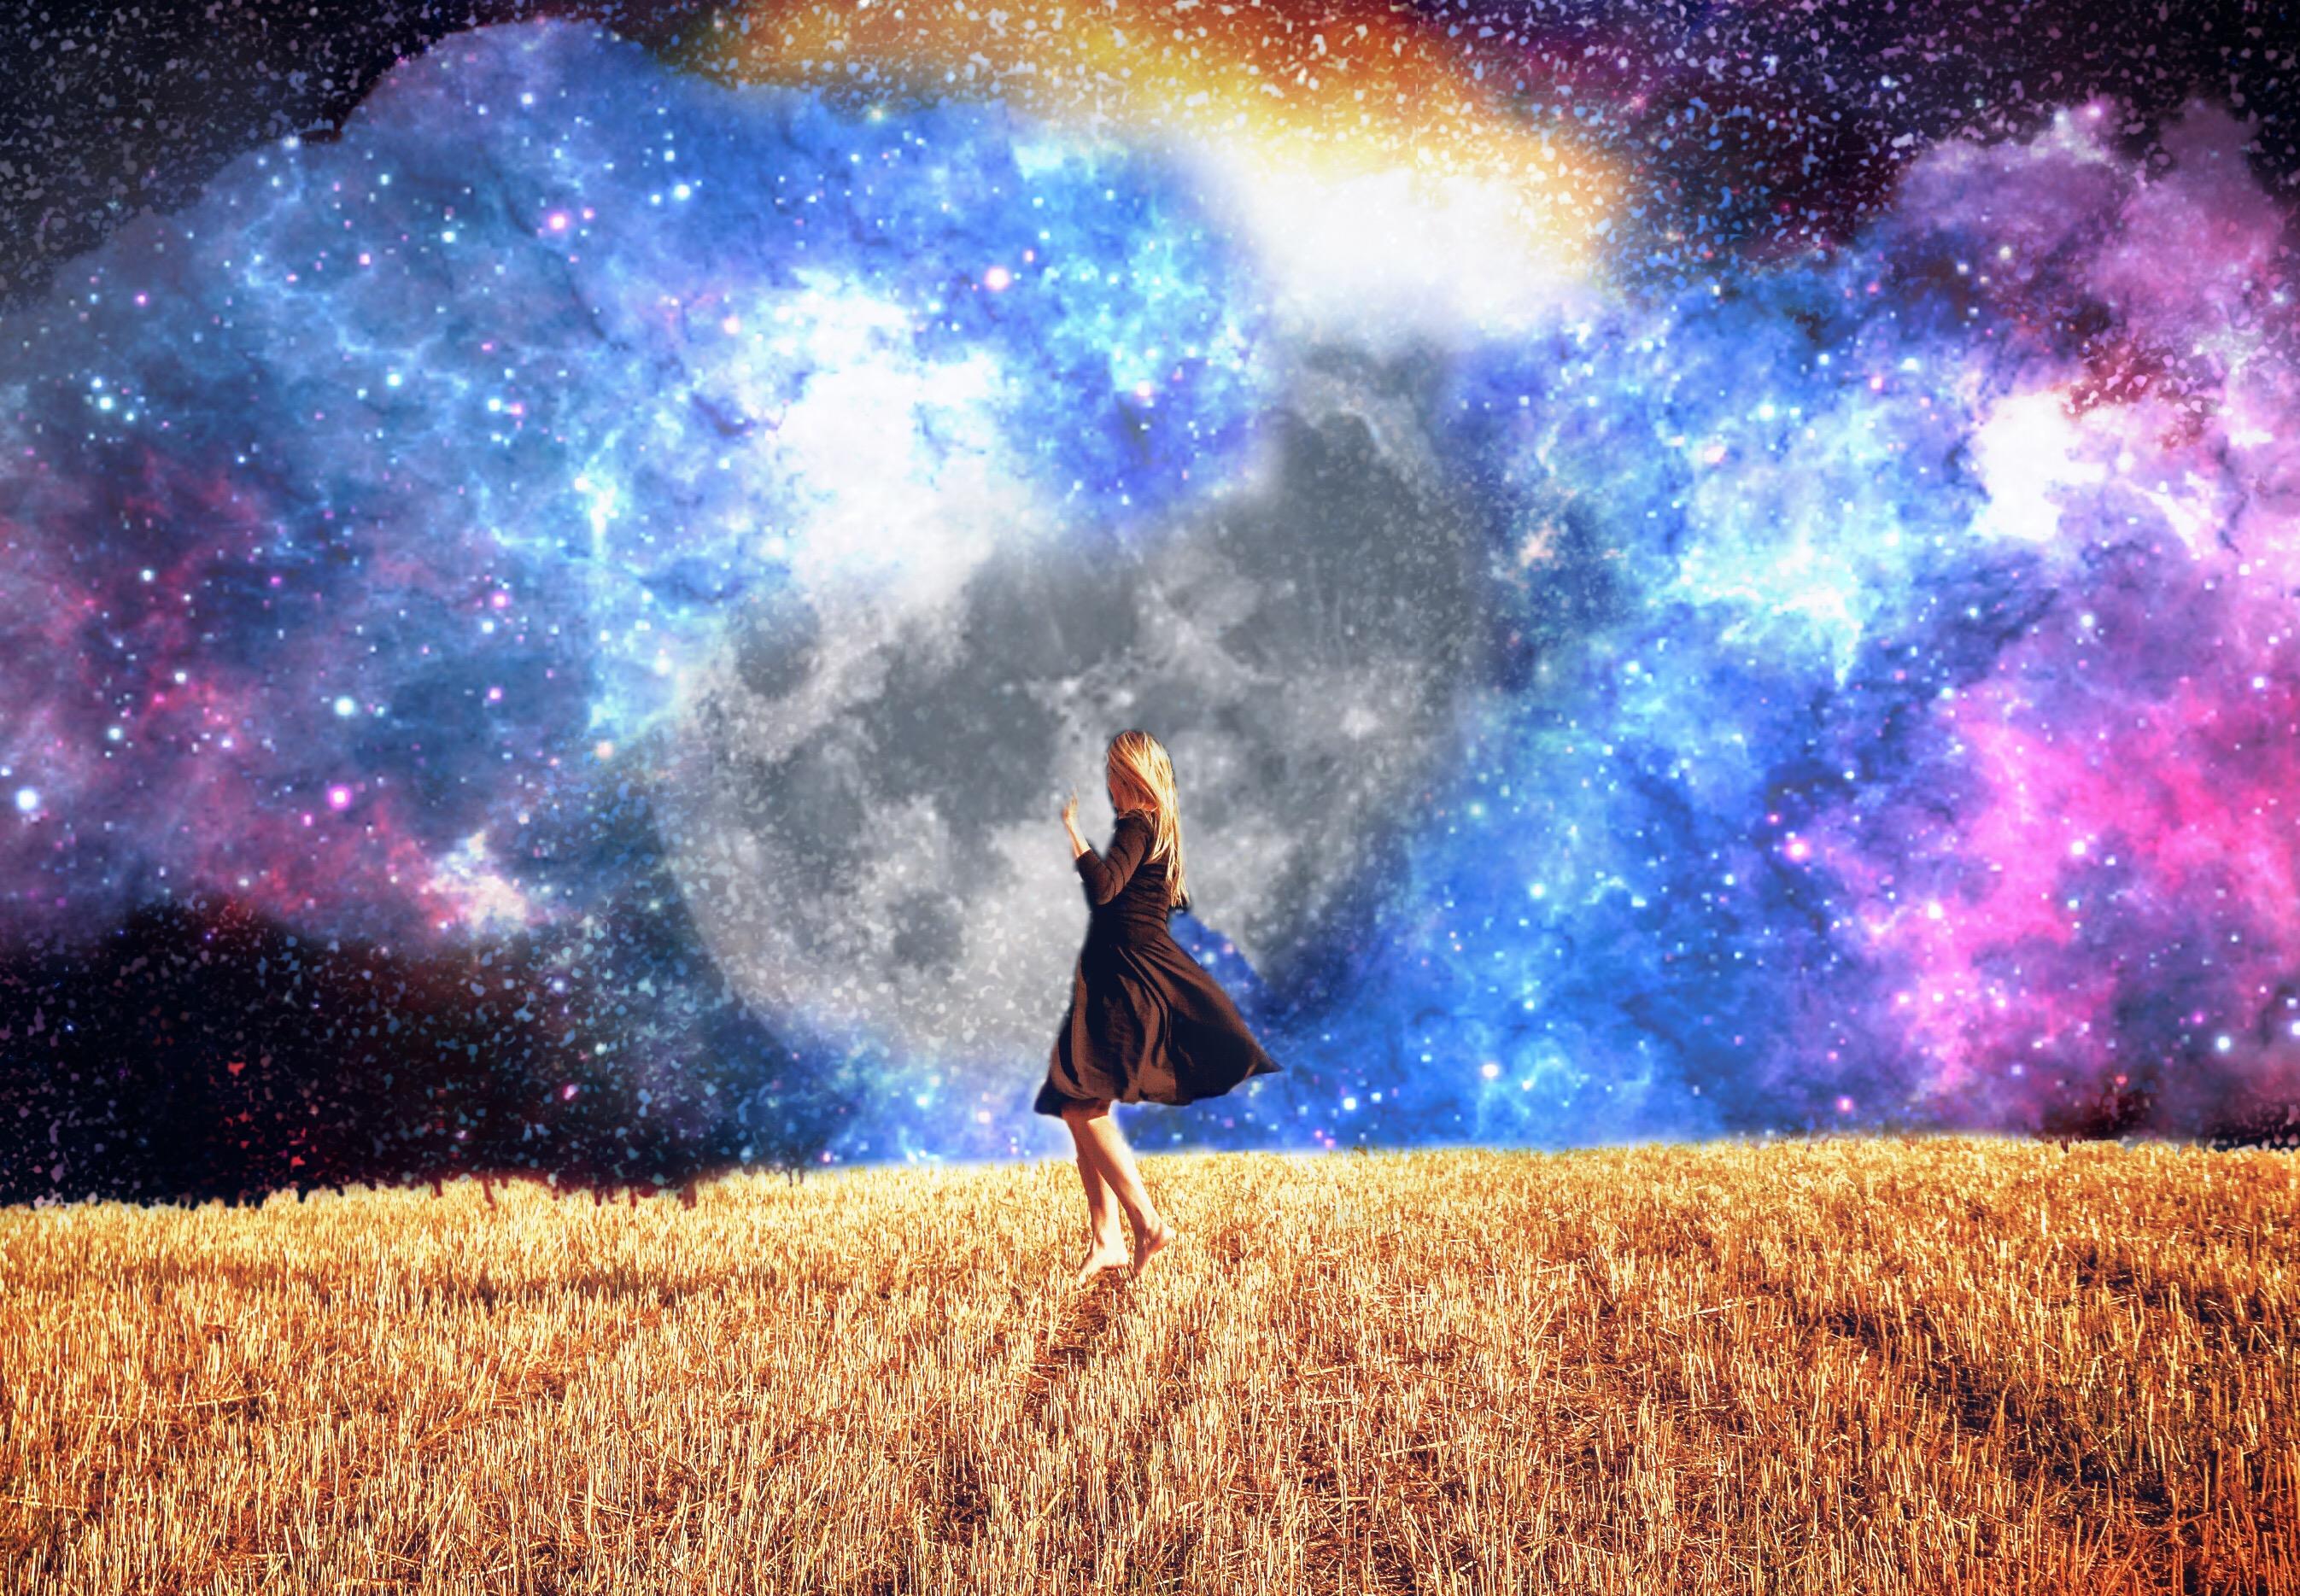 доверие вселенной картинки самое очевидное, что